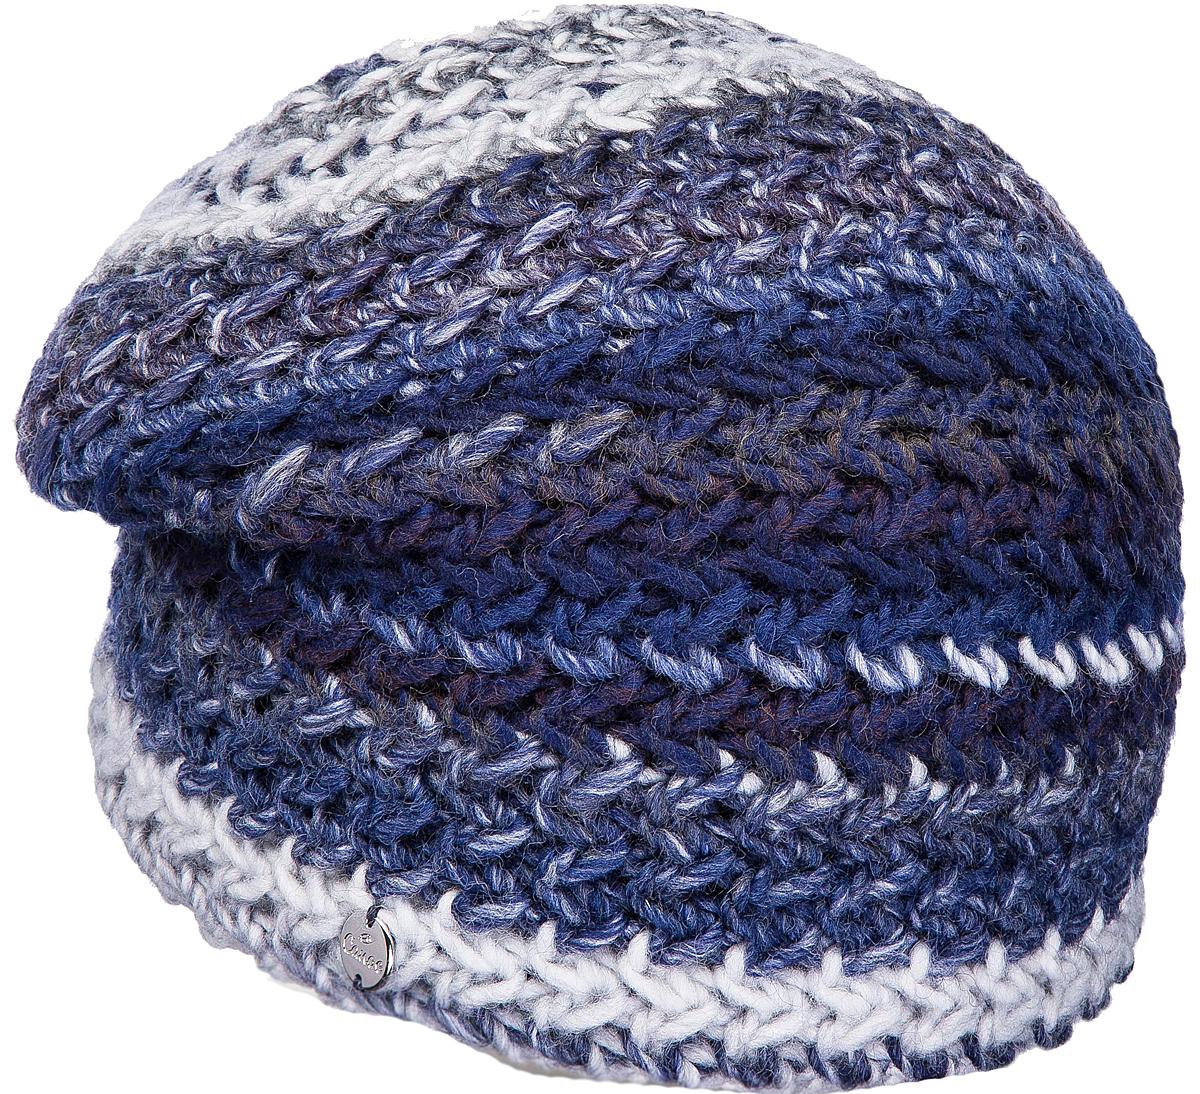 Шапка женская Canoe Dep, цвет: темно-синий. 4714841. Размер 56/584714841Удлинённая двухслойная шапочка из высококачественной итальянской полушерстяной пряжи, имеющей эффект радуги. Невероятно тёплая, с необычными цветовыми сочетаниями и смелыми переходами, модель - создаст комфорт и выделит вас из серой массы. Все изделия проходят предварительную стирку и последующую обработку специальными составами и паром для улучшения износоустойчивости, комфорта и приятных тактильных ощущений. Структура шерсти после обработок по новейшим технологиям приобретает лёгкость, мягкость, морозоустойчивость, становится пушистой, не продуваемой. Изделия долго сохраняют заданную форму.Уважаемые клиенты!Размер, доступный для заказа, является обхватом головы.